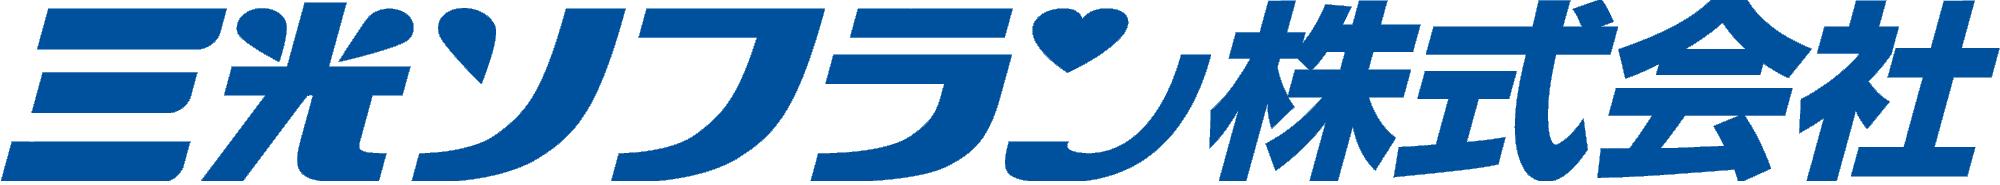 sankosoflan_logo